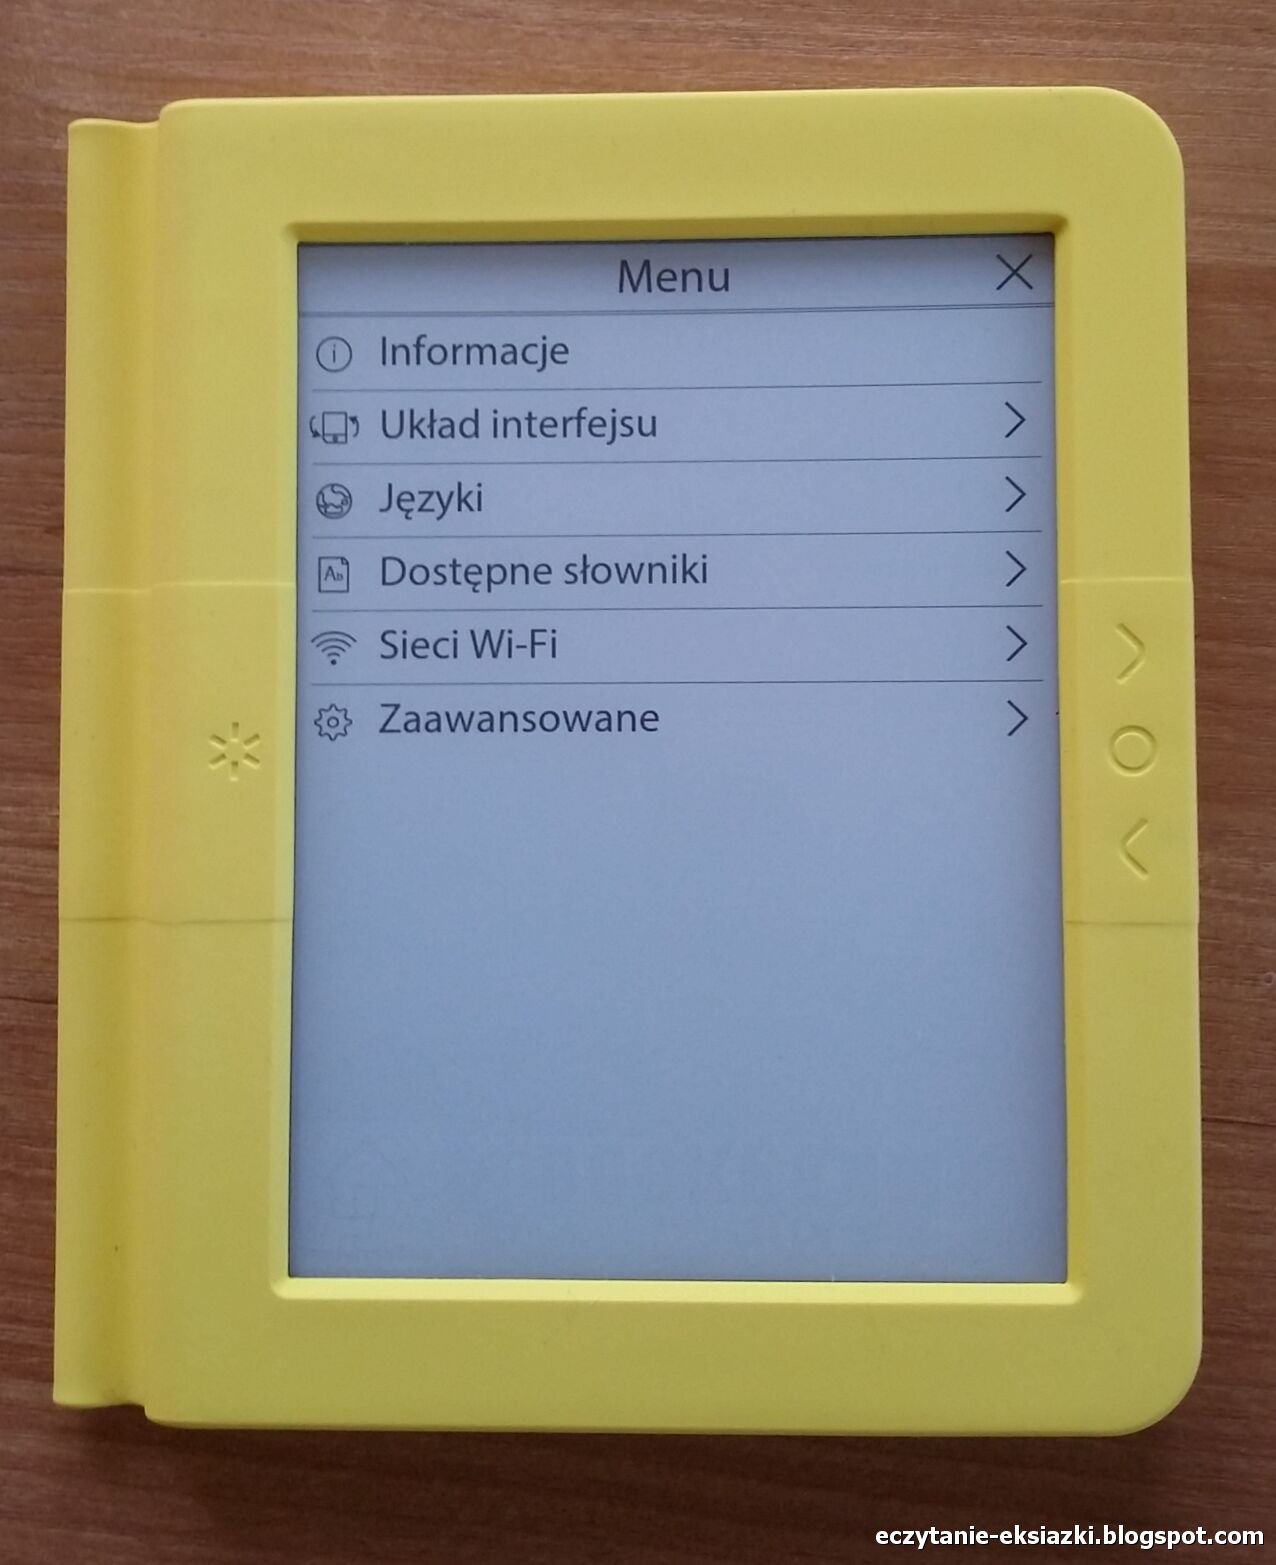 Kontekstowe menu wywołane z poziomu ekranu startowego w czytniku Bookeen Saga